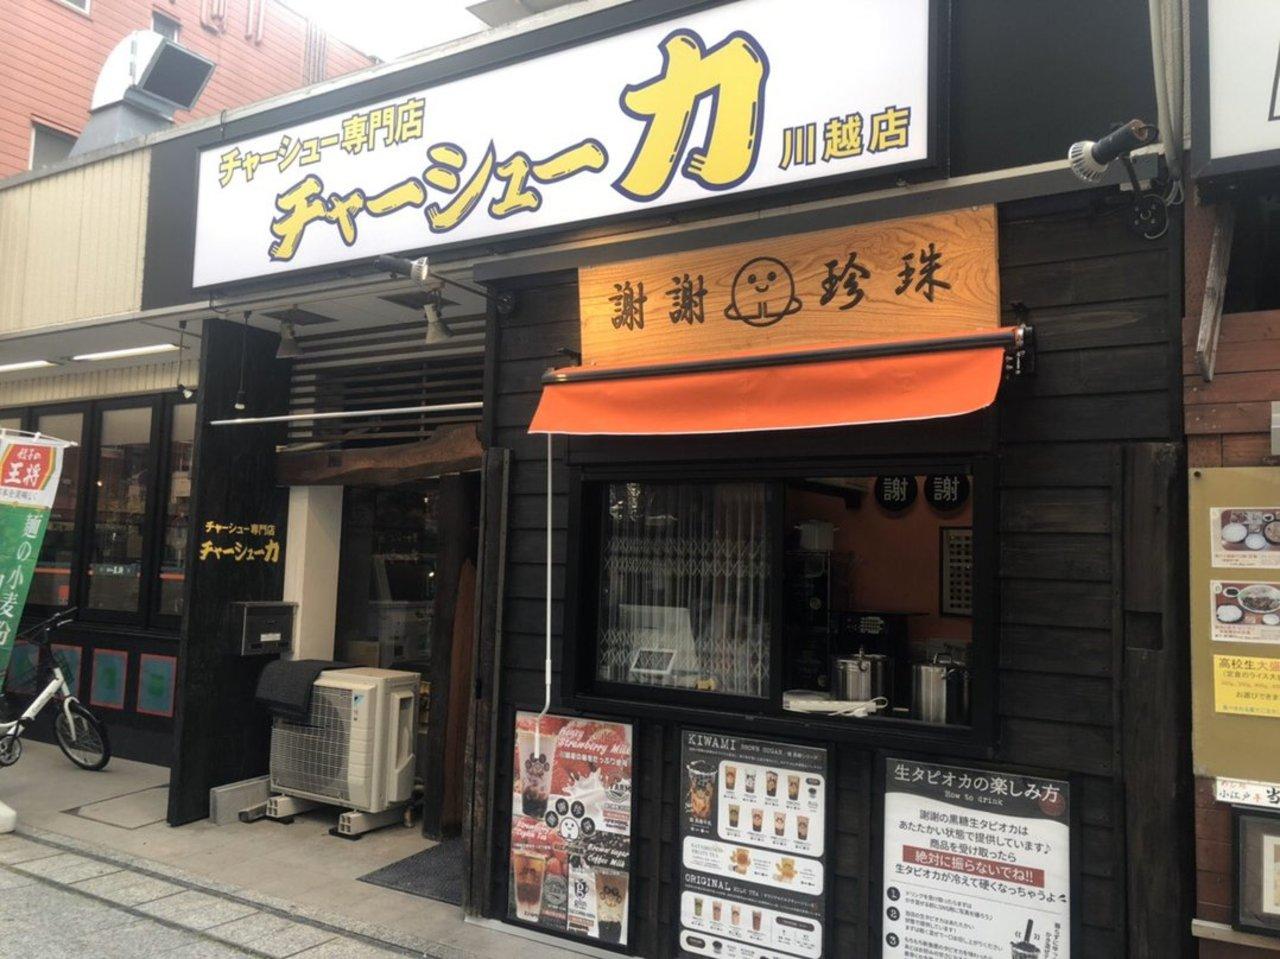 埼玉県川越市新富町丁目に「チャーシュー力川越店」が明日よりプレオープンのようです。